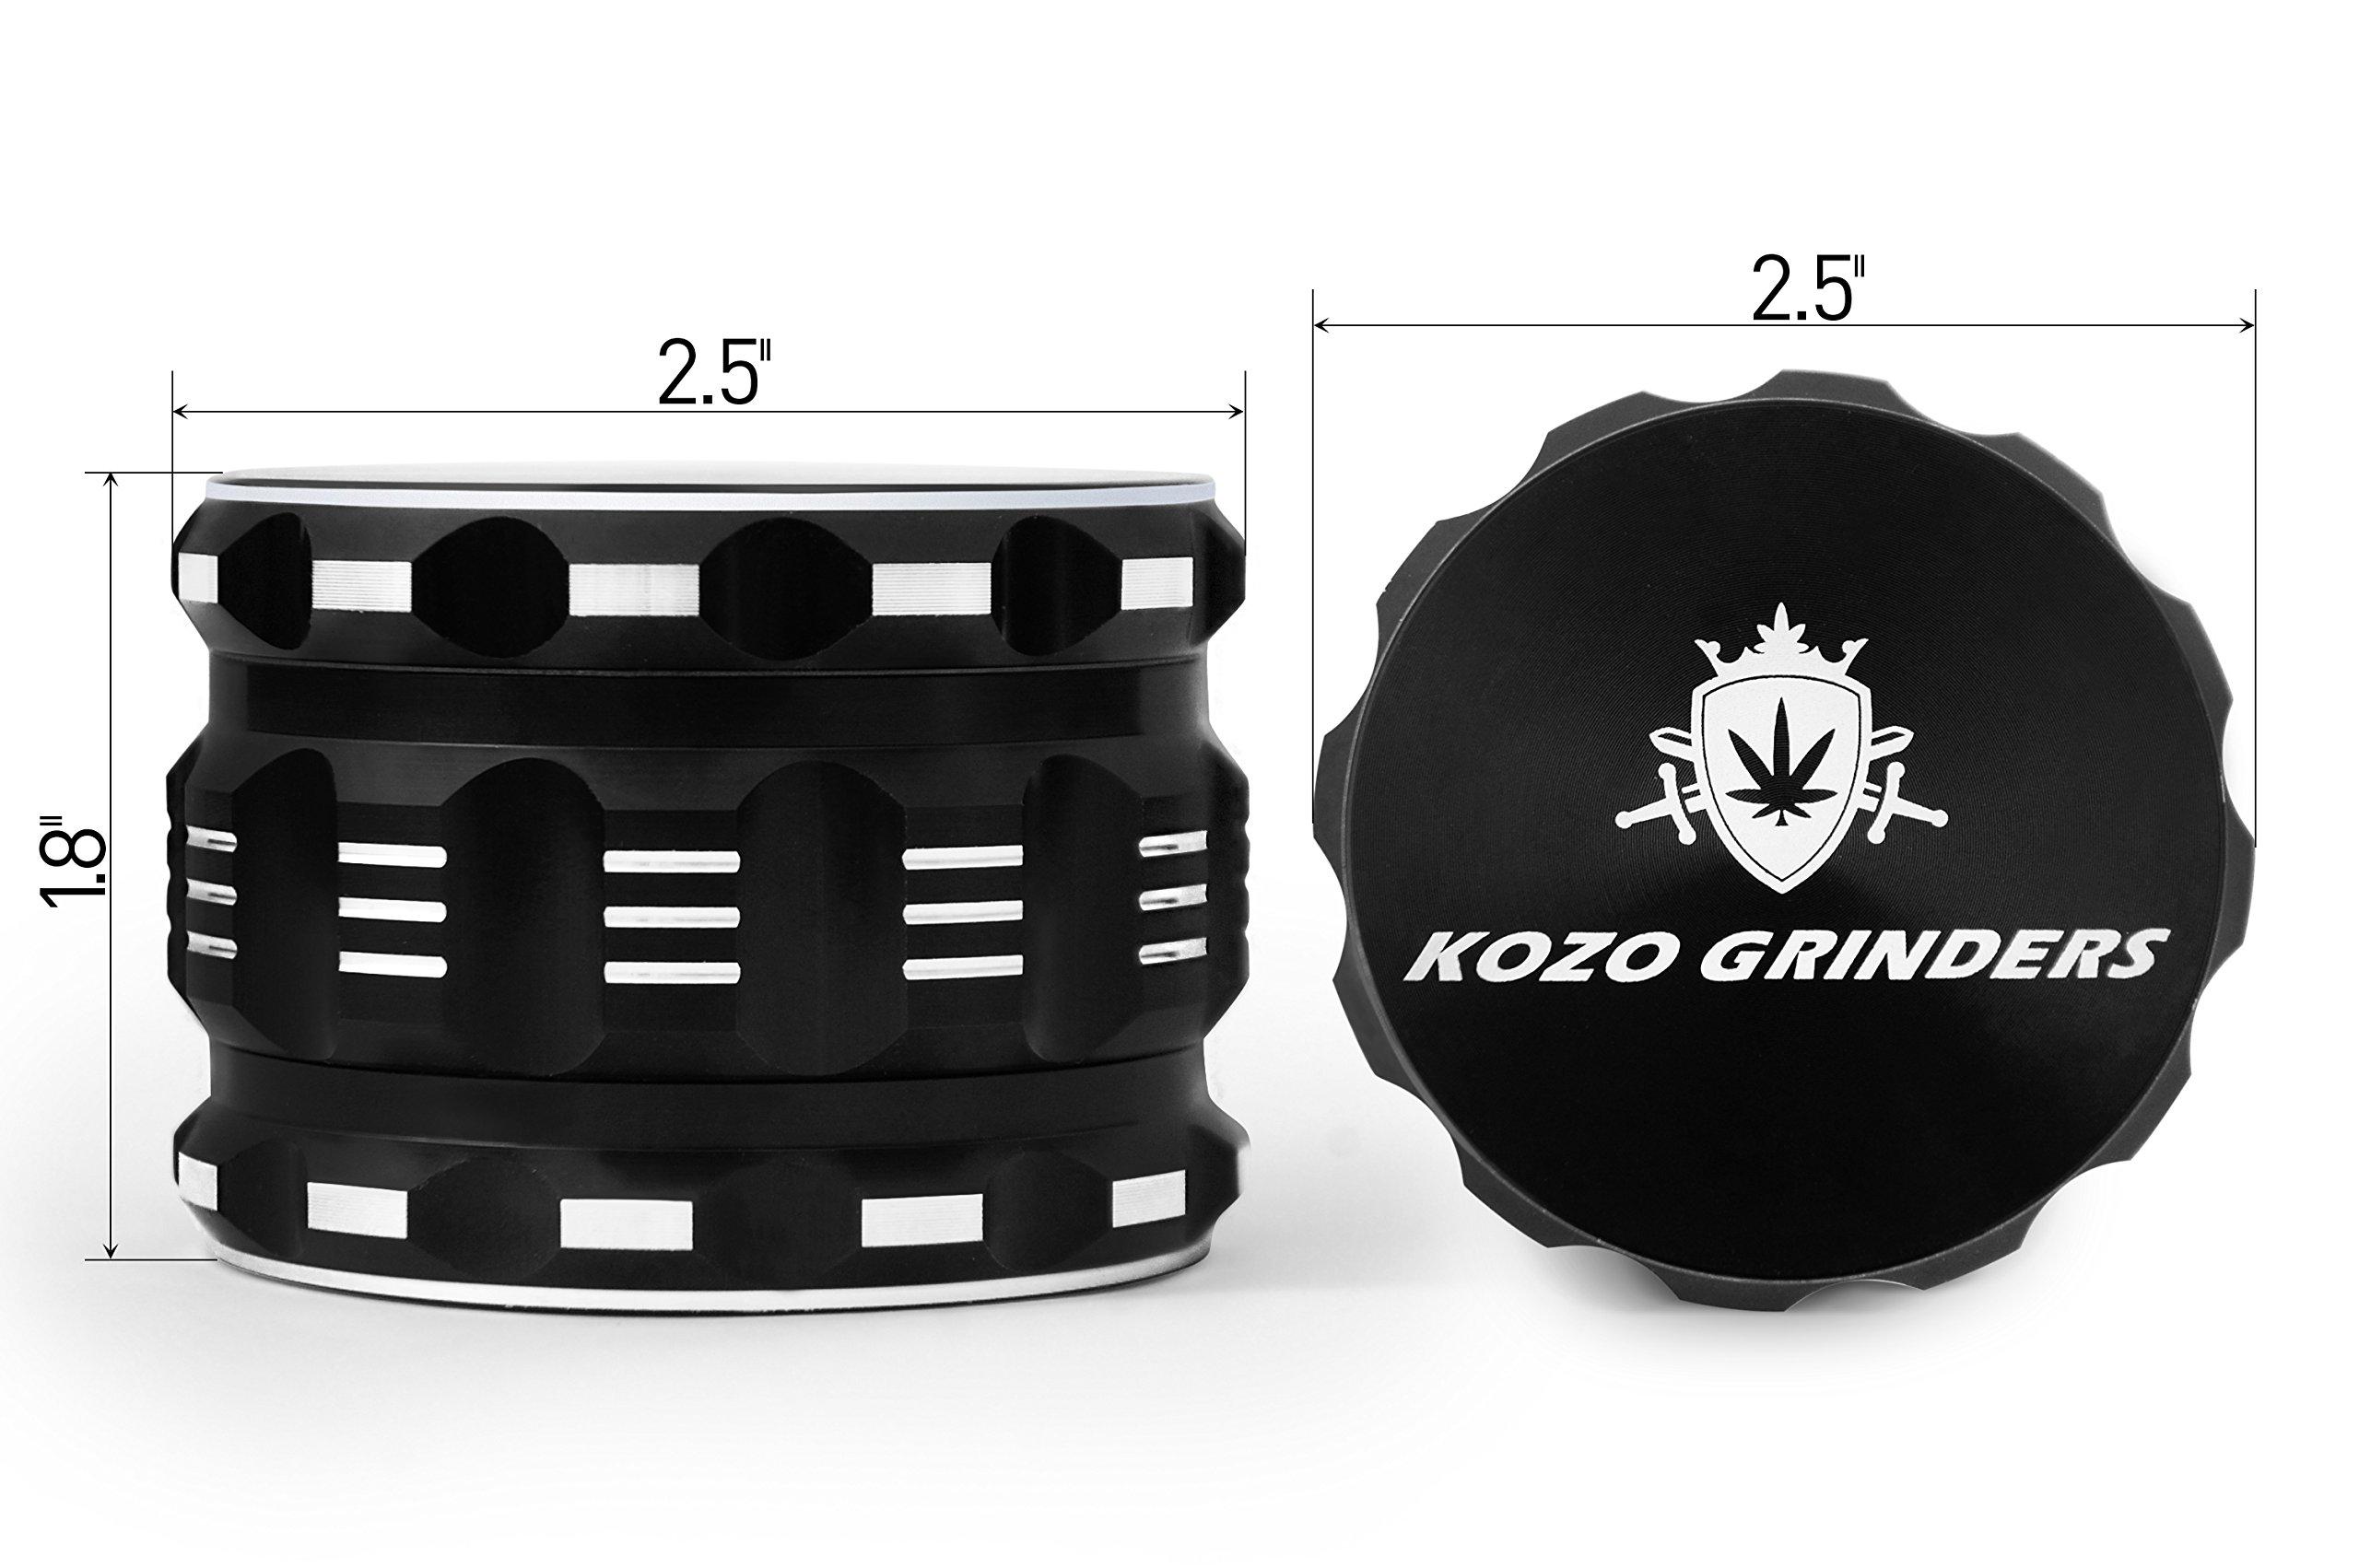 [Upgraded Version] Best Herb Grinder By Kozo Grinders. Large 4 Piece, 2.5'' Black Aluminium by Kozo Grinders (Image #2)